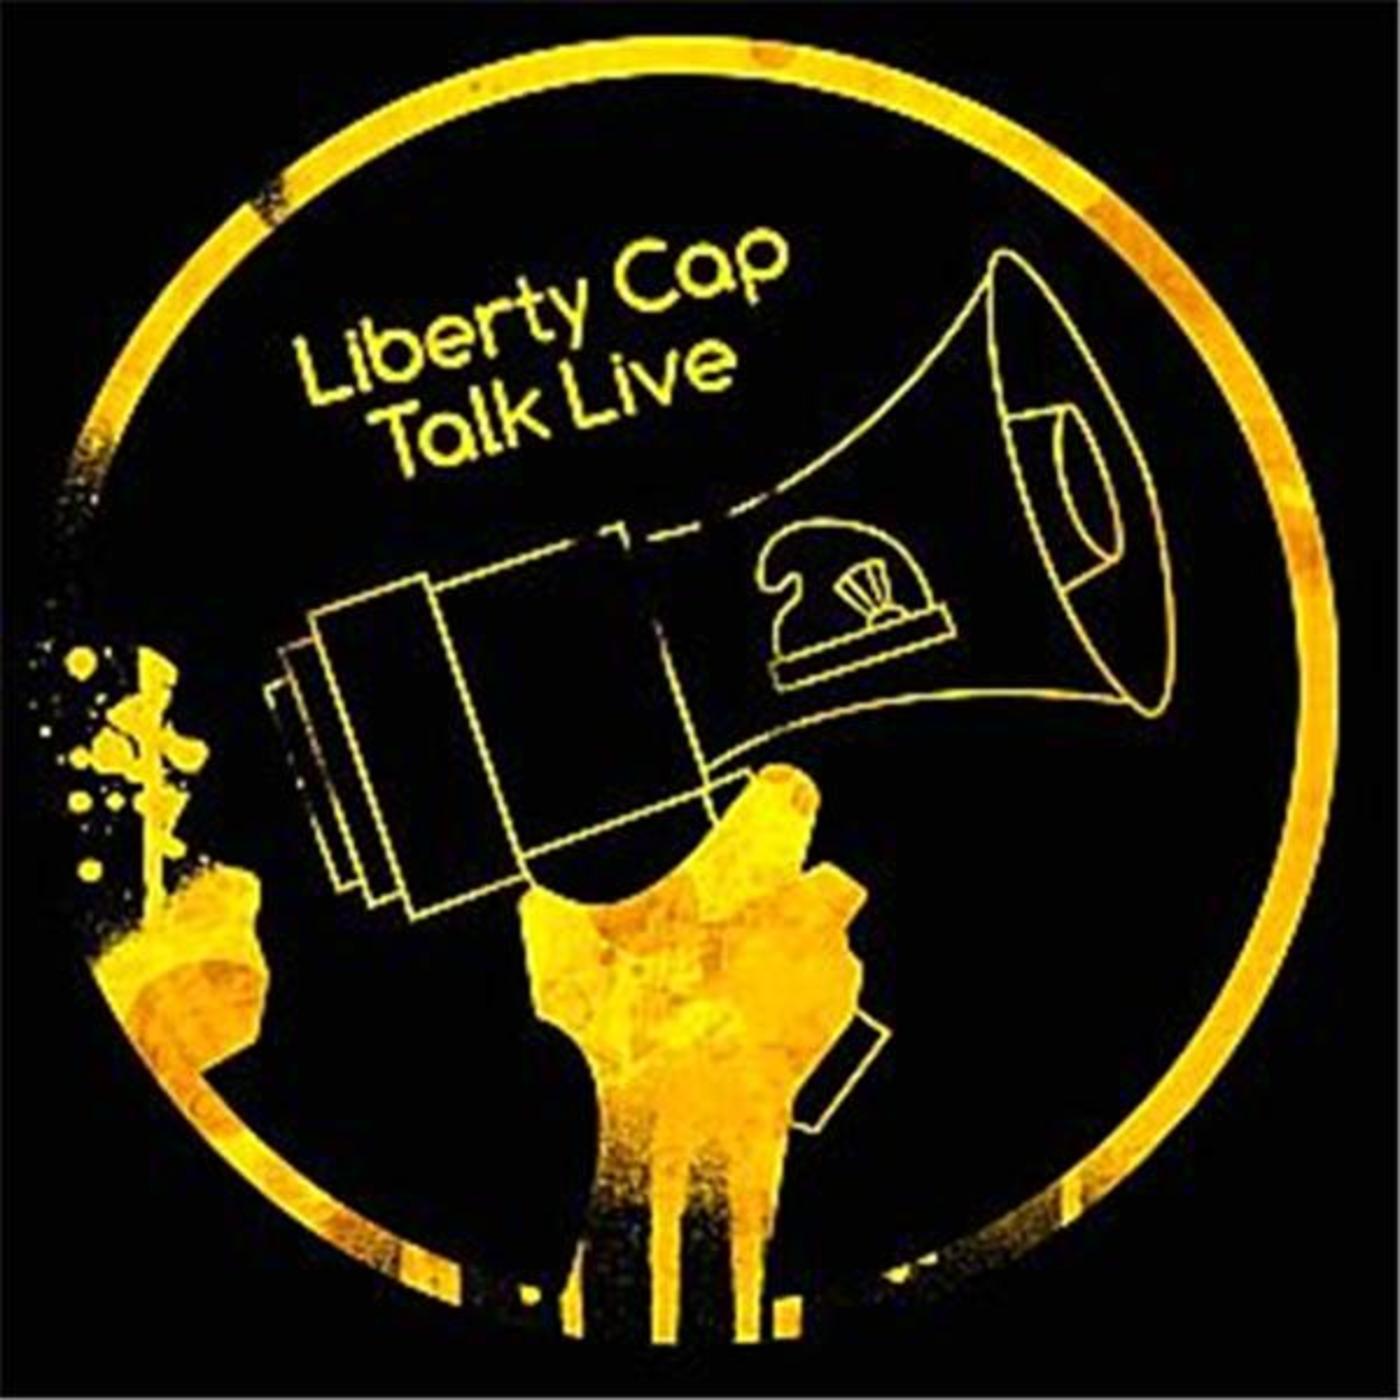 Liberty Cap Talk Live